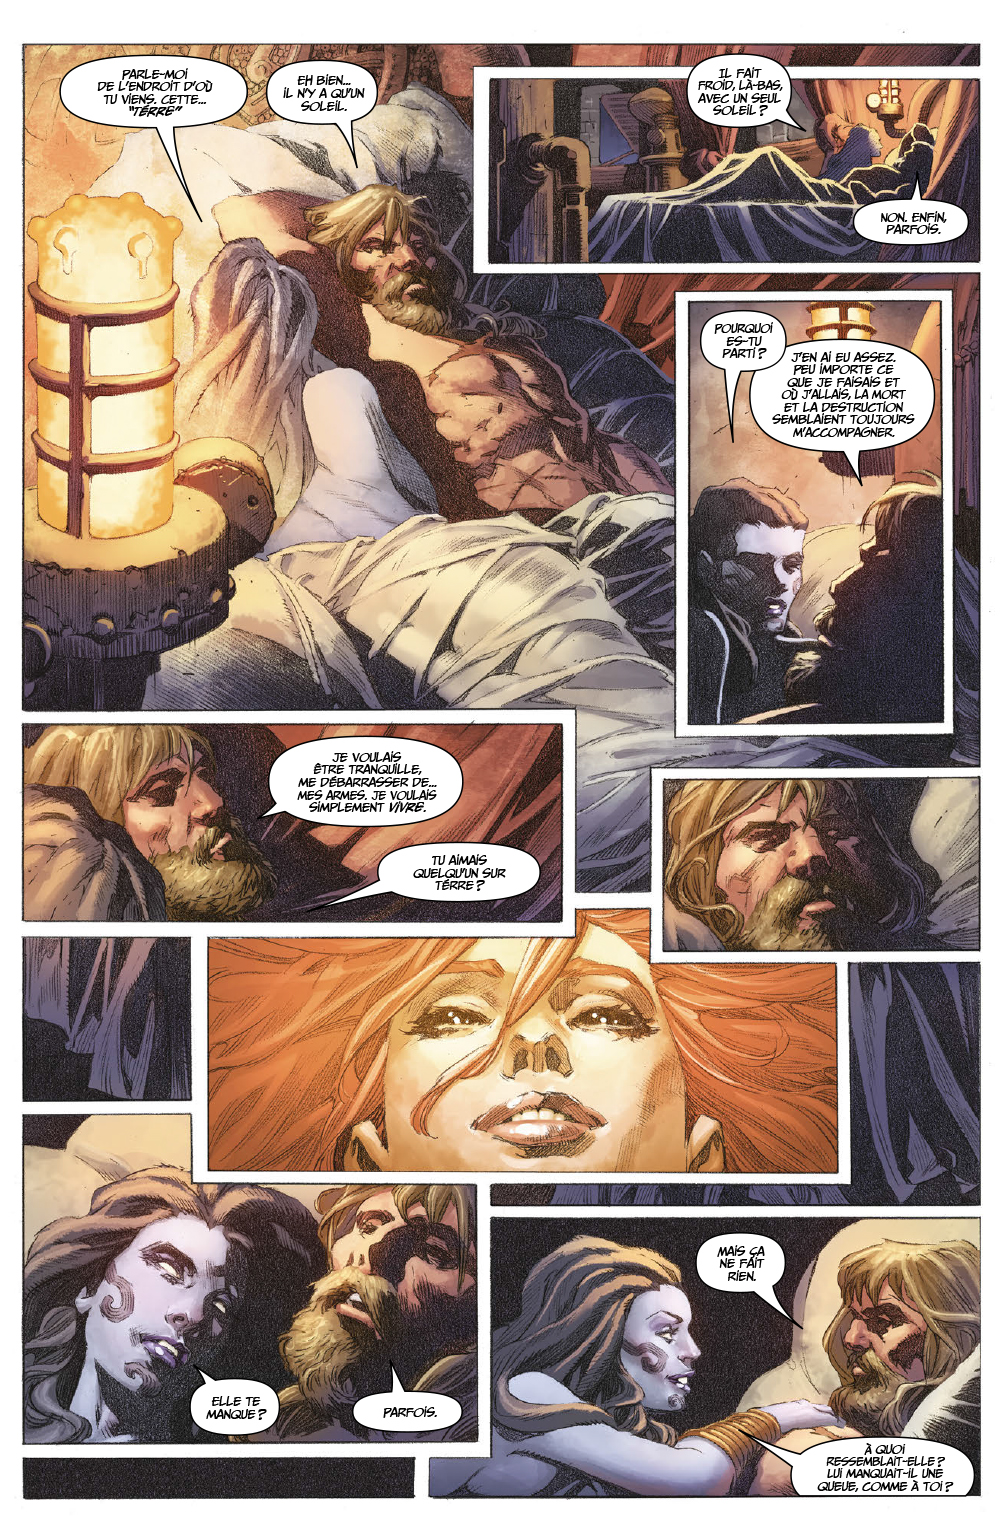 Extrait n°5 du comics tome 1 par Matt Kindt